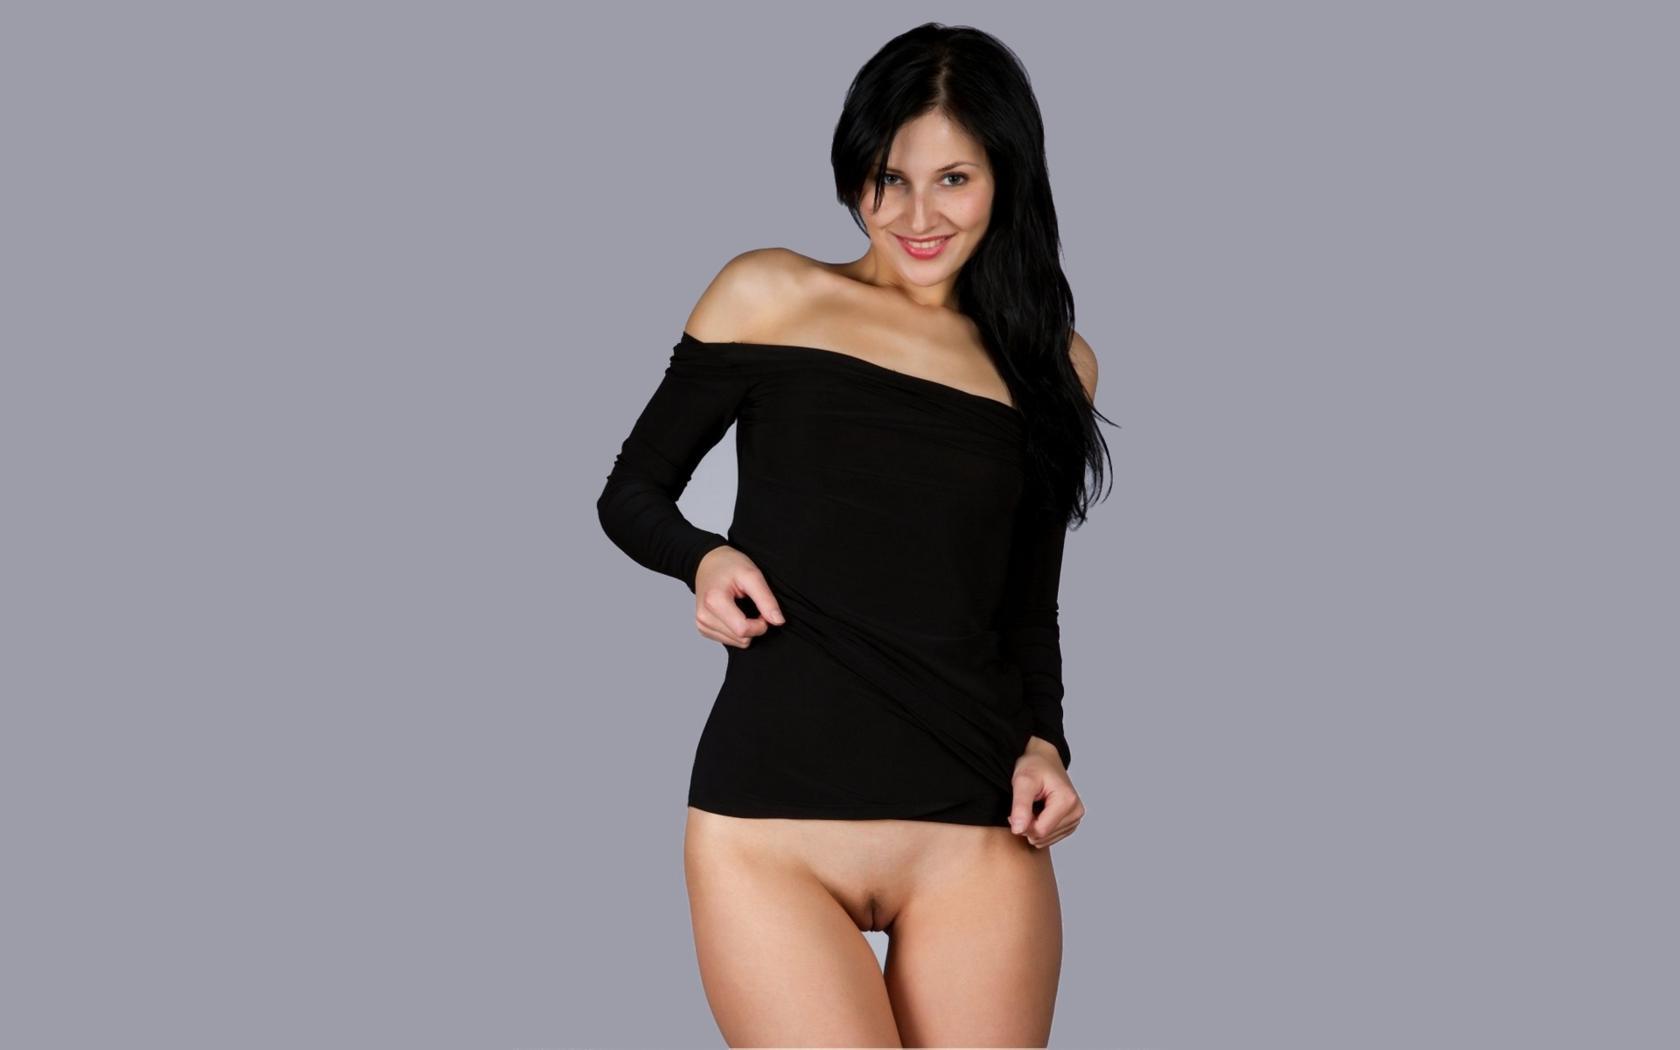 Brandi erotic nude more dirty